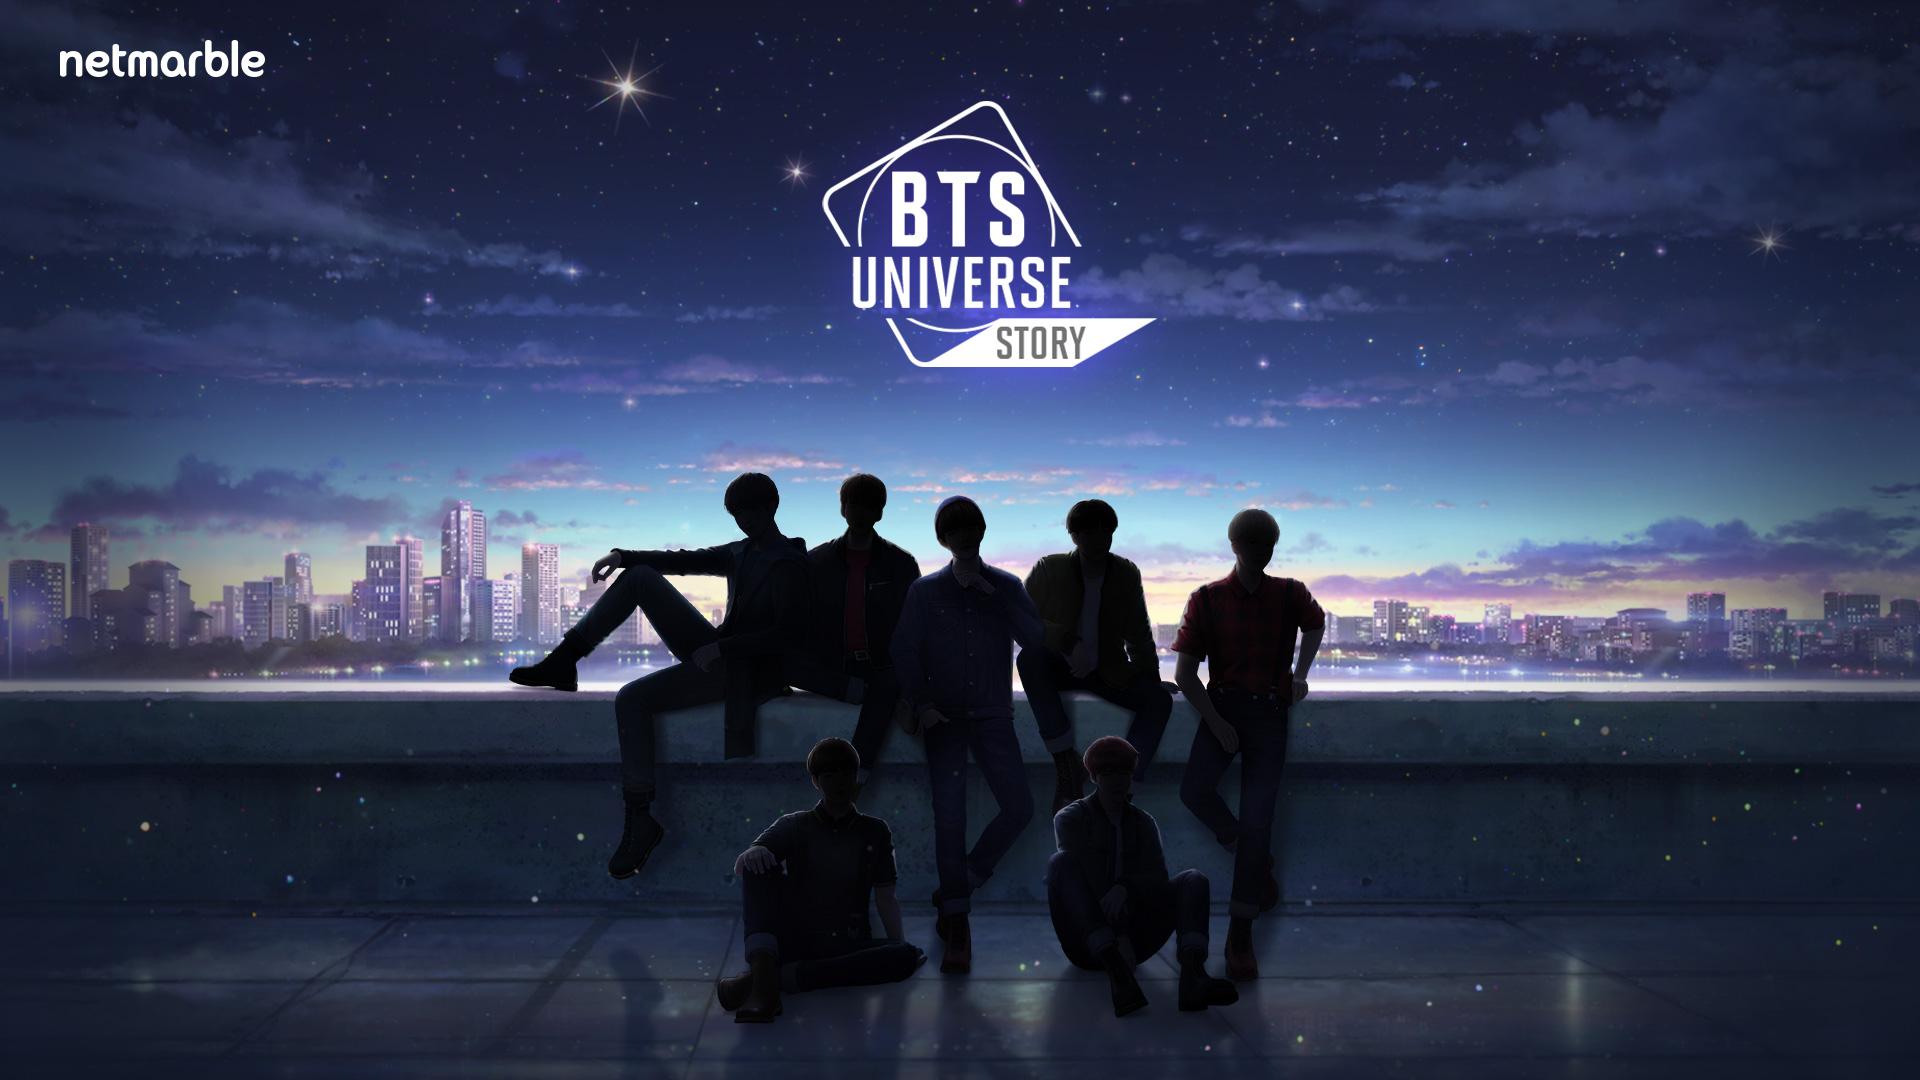 เน็ตมาร์เบิ้ลเตรียมปล่อยเกมใหม่ล่าสุดจาก IP BTS ที่แฟนๆต่างรอคอย อย่าง 'BTS Universe Story' พร้อมชมทีเซอร์ที่นี่เป็นครั้งแรก!